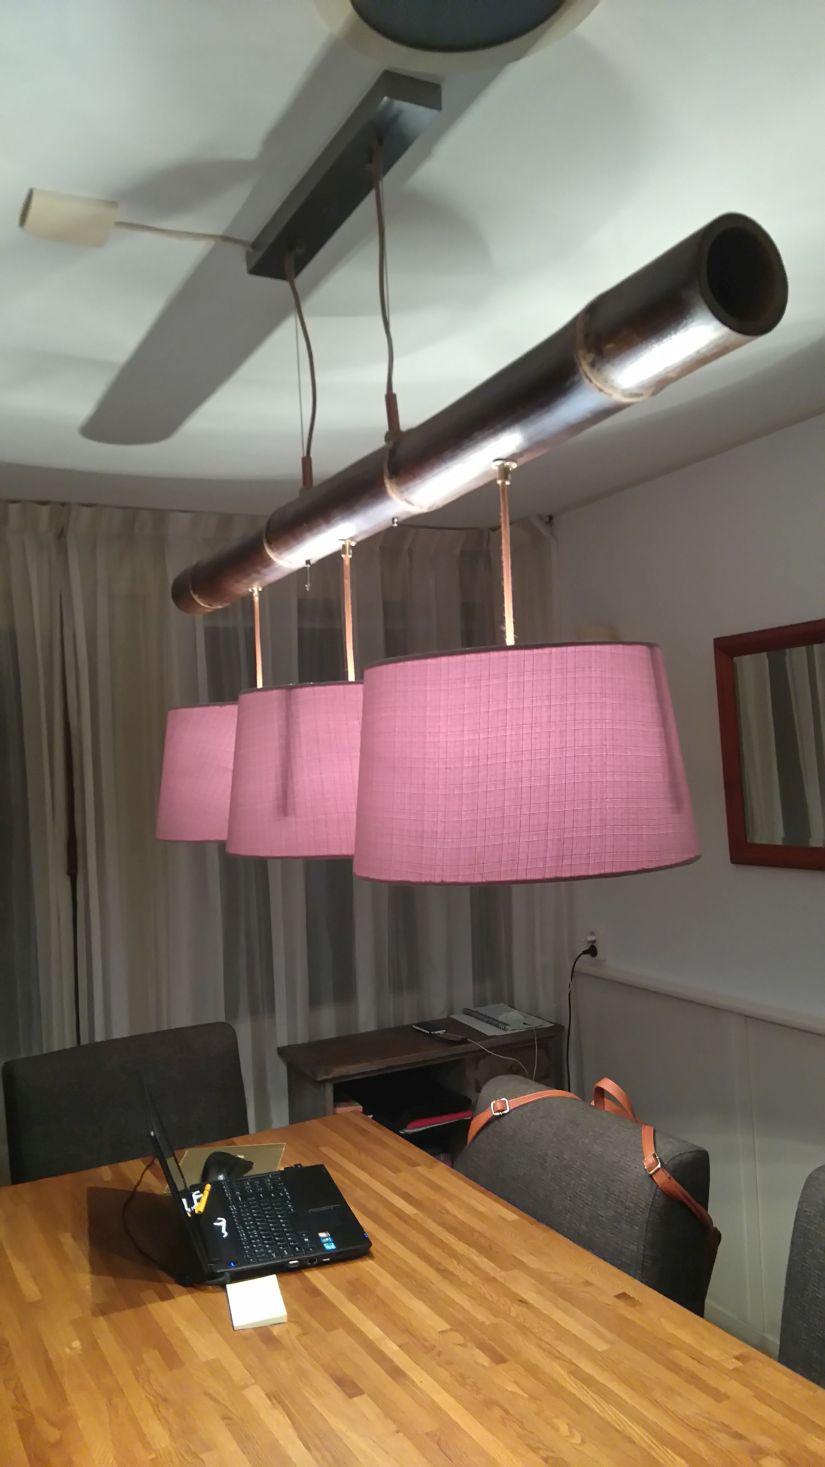 Lampen ophangen met staaldraad